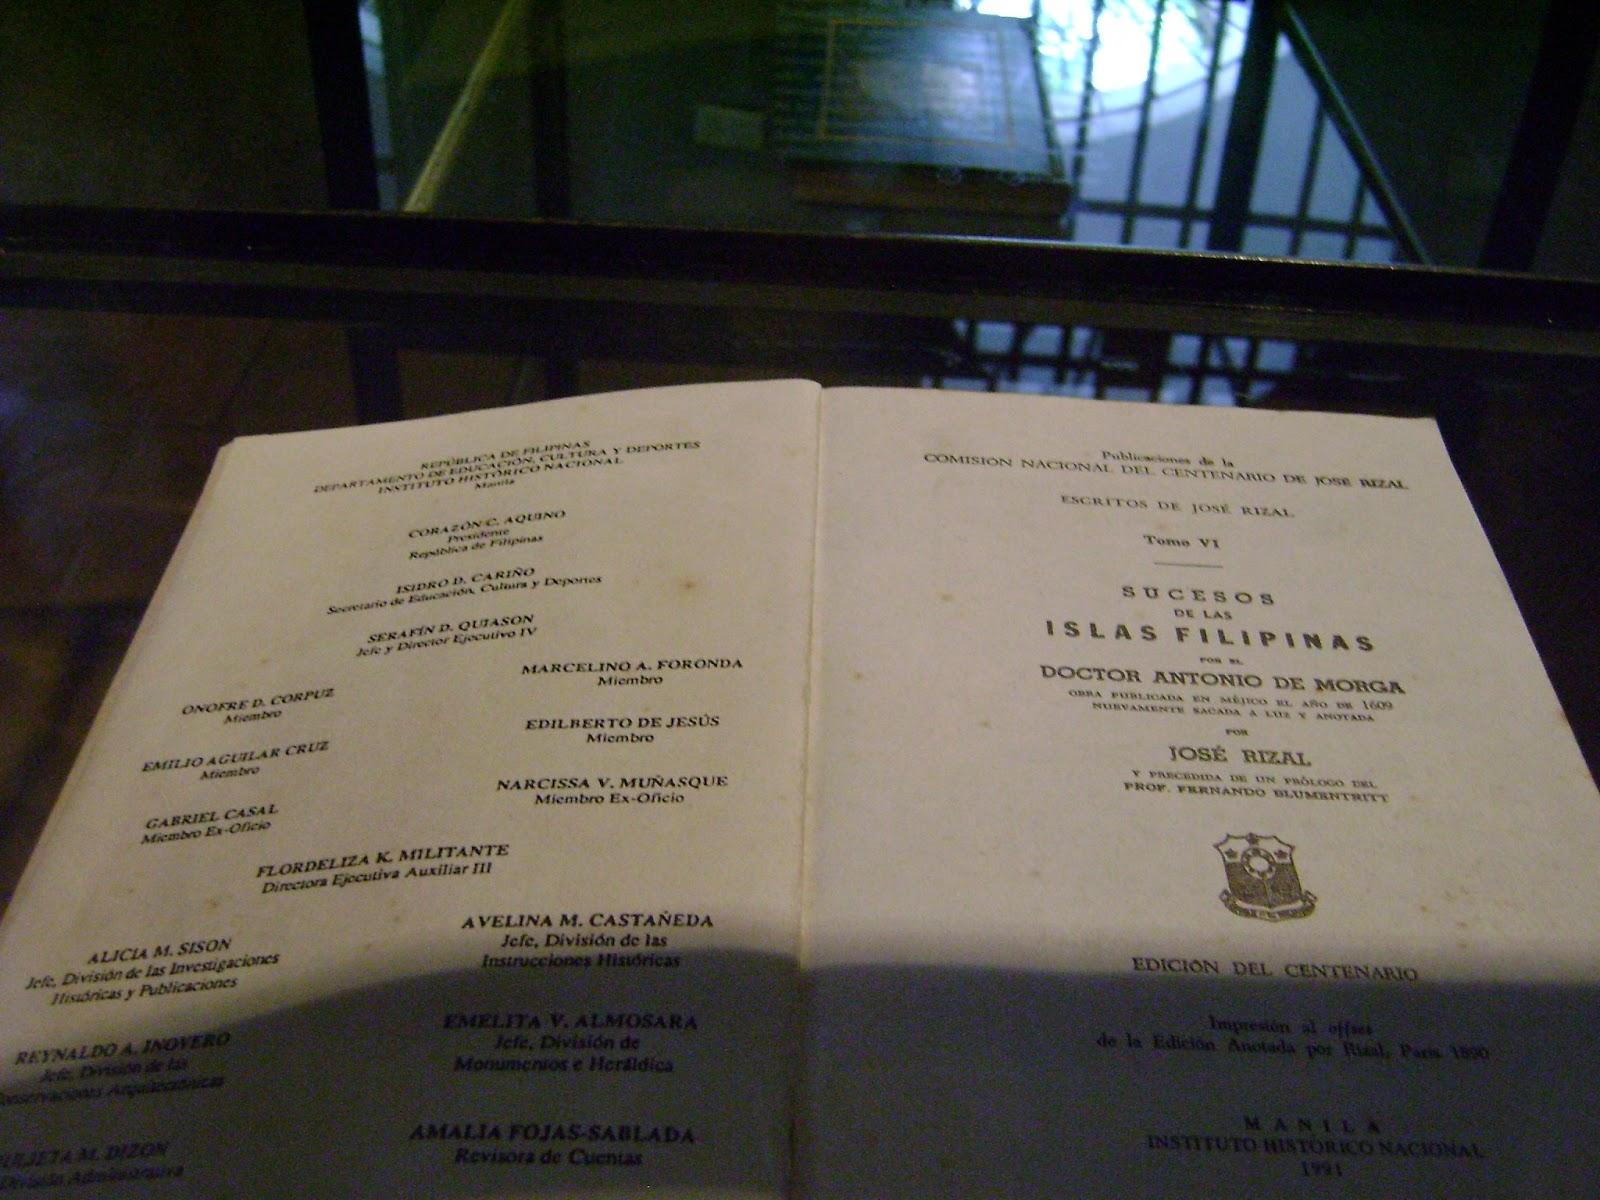 morga s sucesos de las islas filipinas Pagsusuri sa mga anotasyon ni jose rizal sa sucesos de las islas filipinas ni antonio de morga a ang sucesose de las islas filipinas at si antonio de morga.